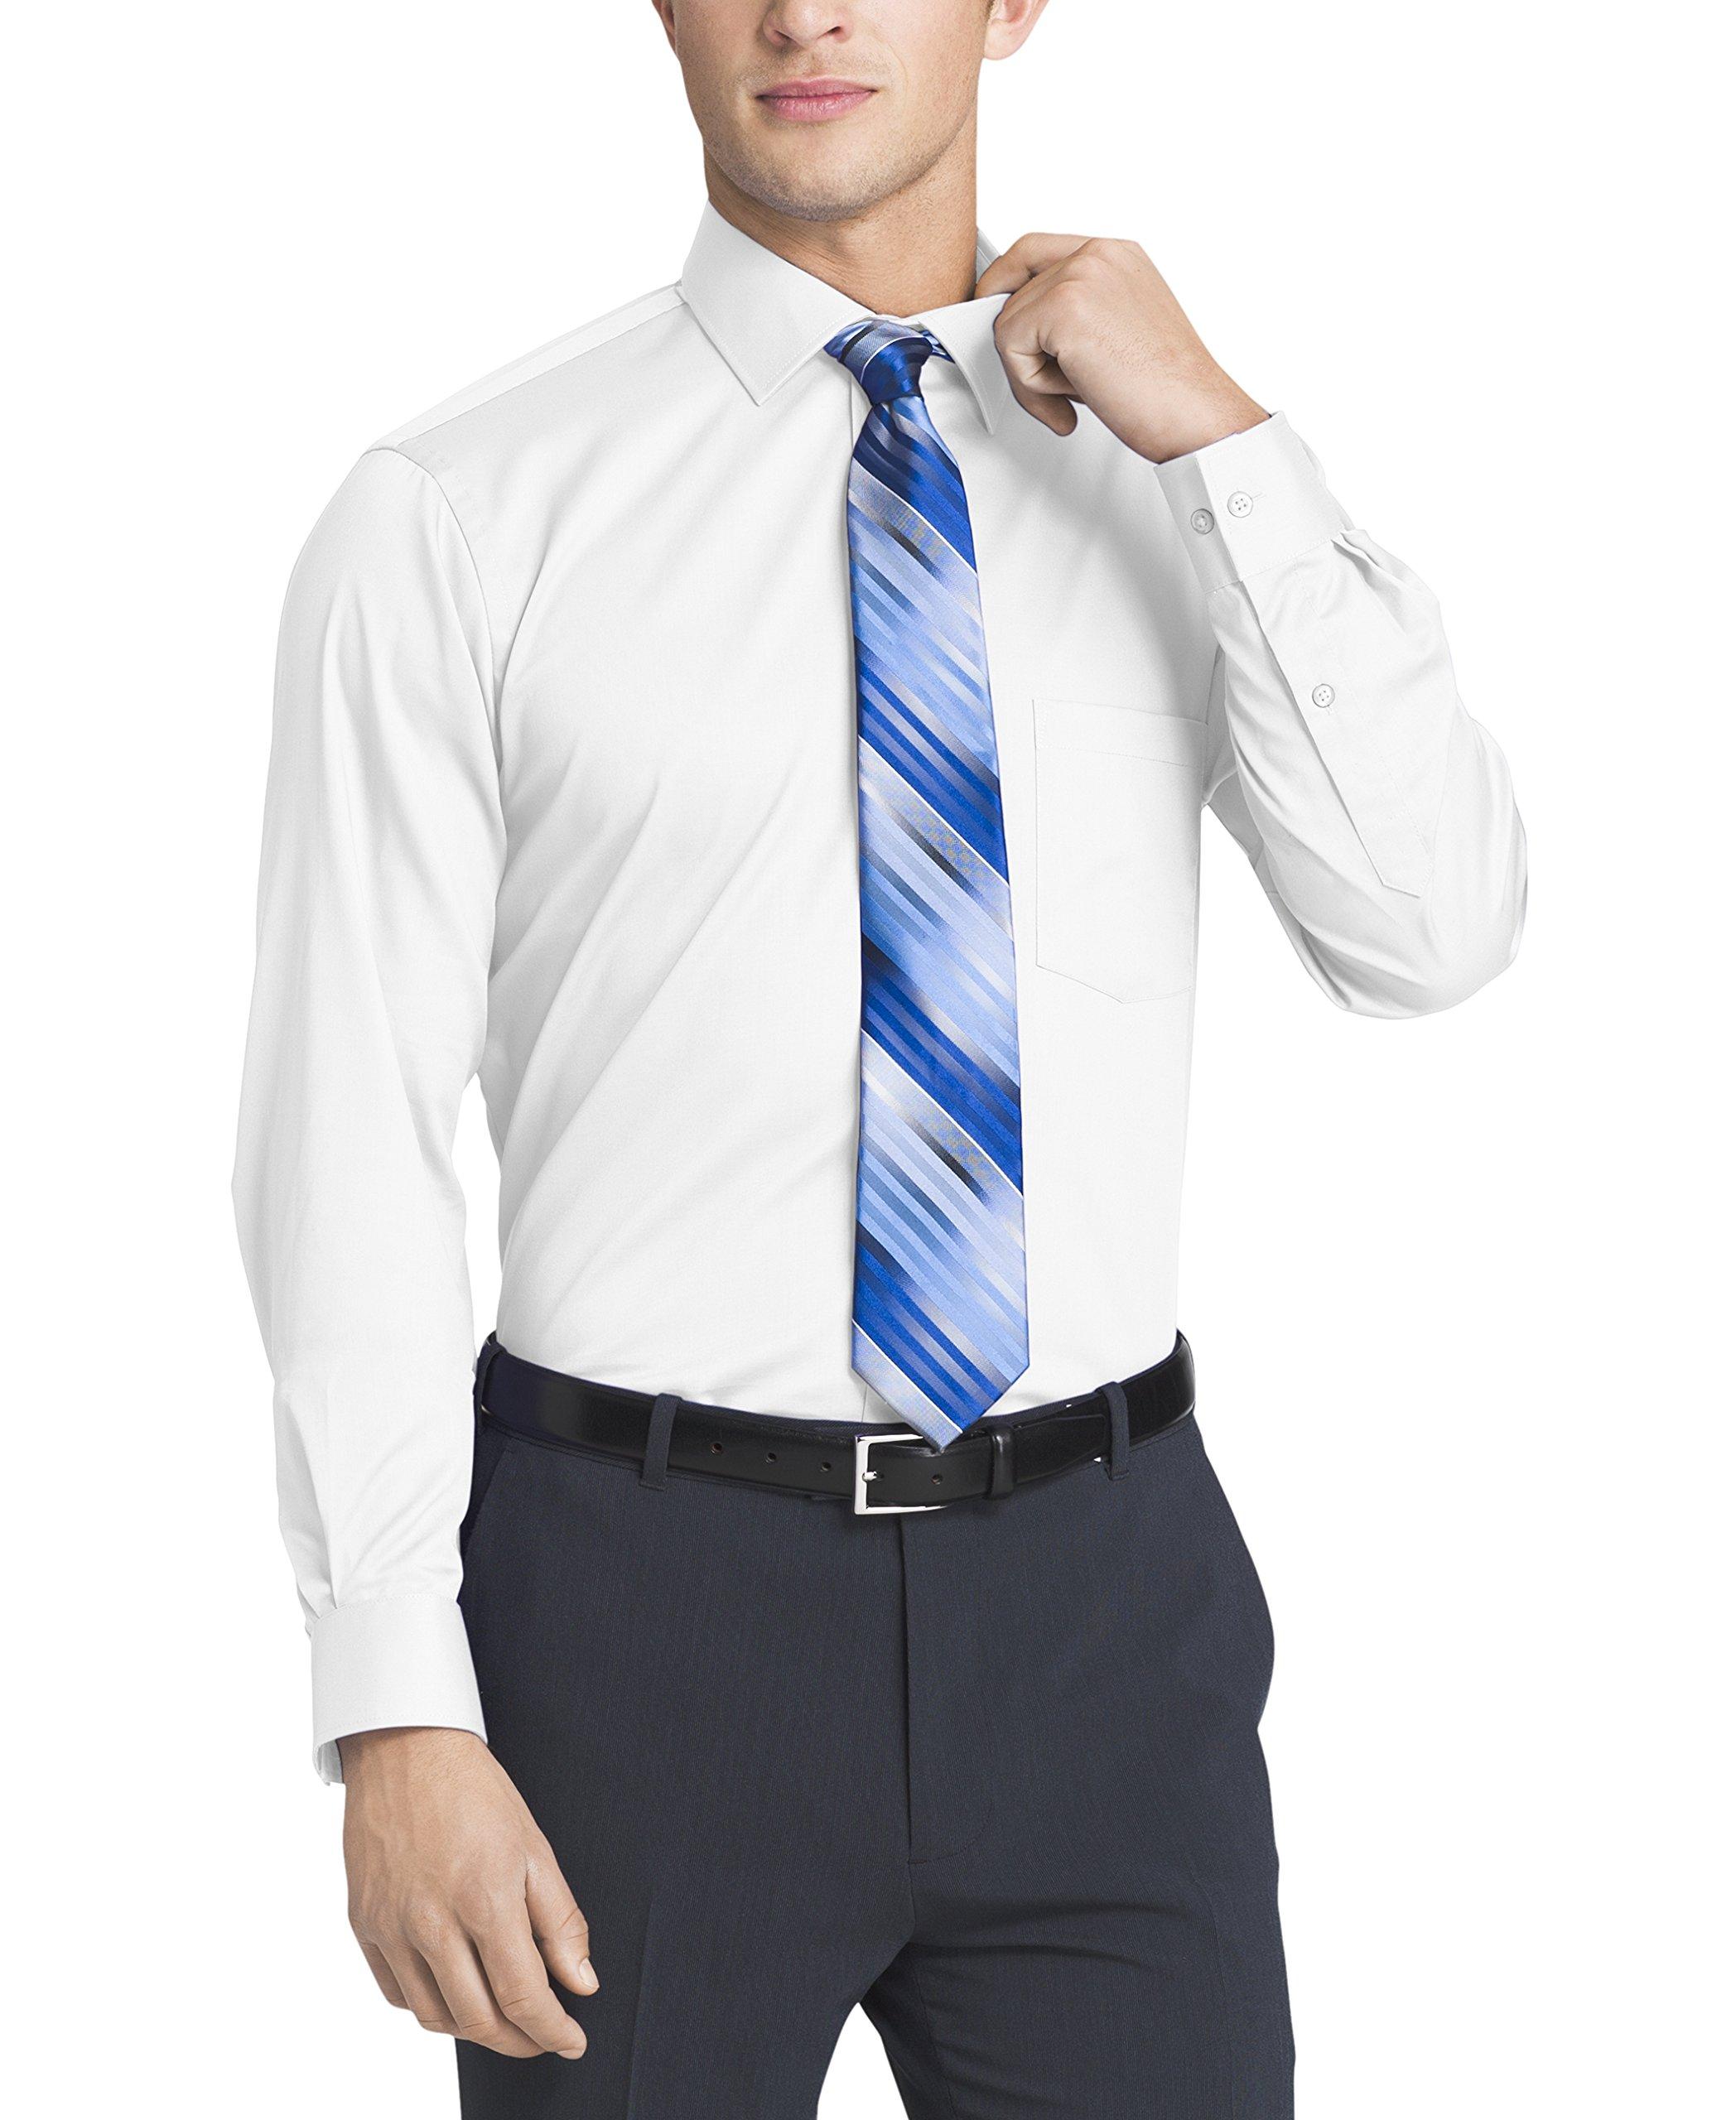 Van Heusen Men's Flex Collar Regular Fit Solid Spread Collar Dress Shirt, White, 16.5'' Neck 32''-33'' Sleeve by Van Heusen (Image #3)